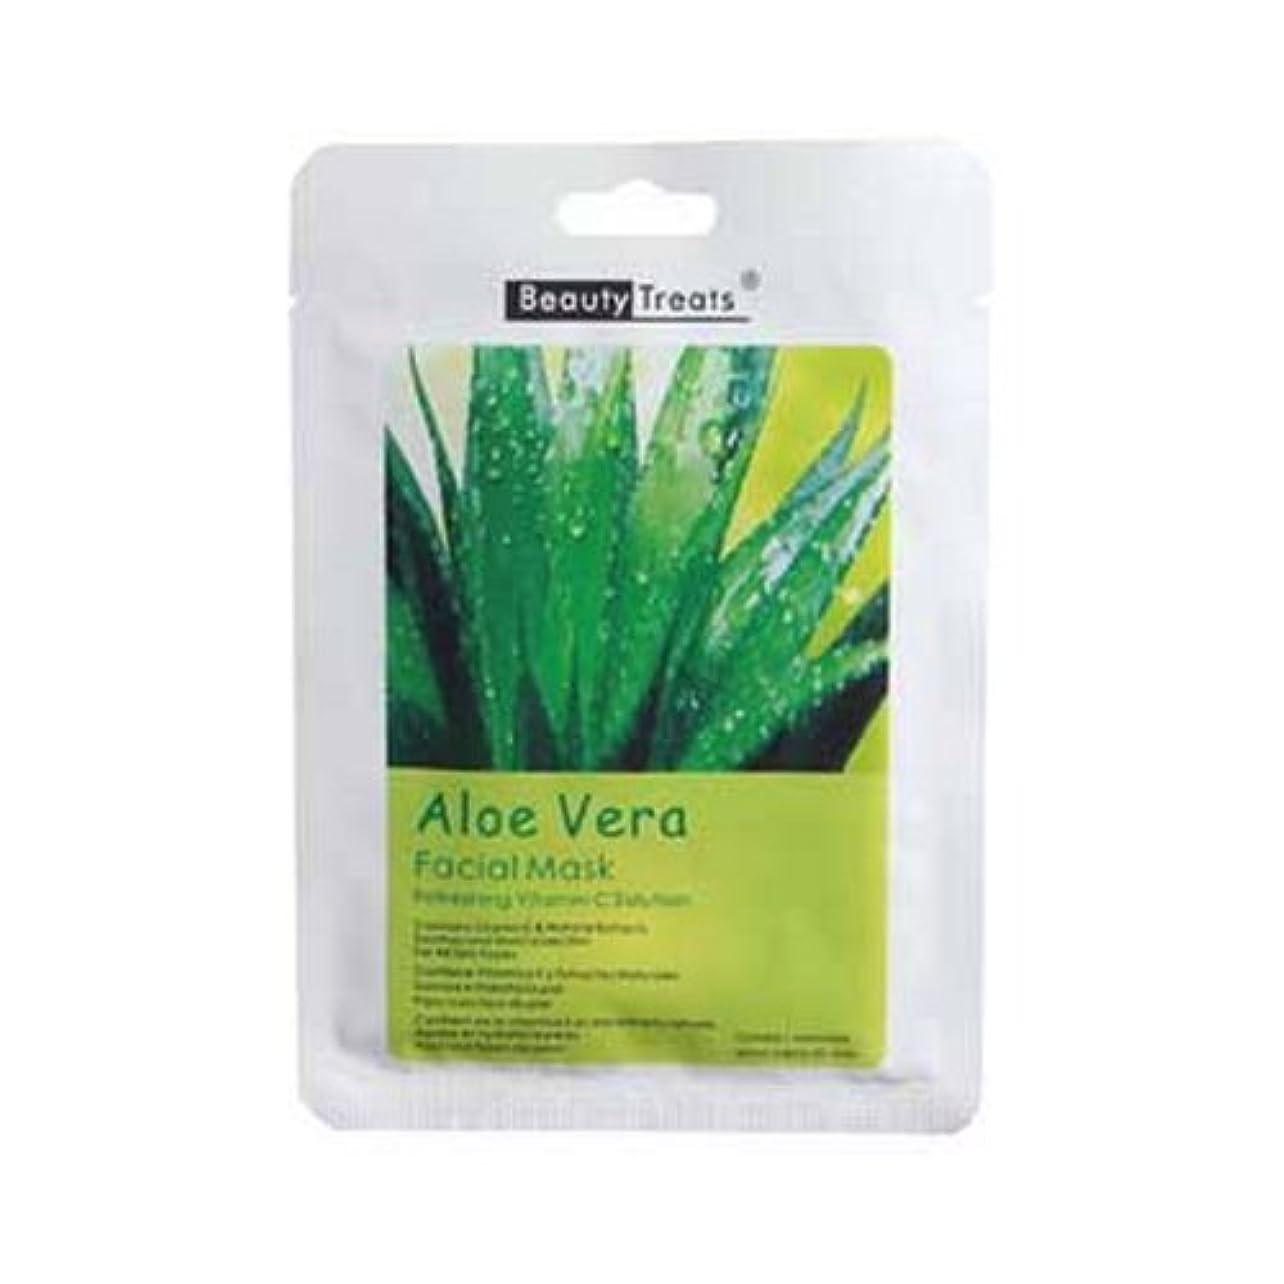 筋肉の削る王室(6 Pack) BEAUTY TREATS Facial Mask Refreshing Vitamin C Solution - Aloe Vera (並行輸入品)